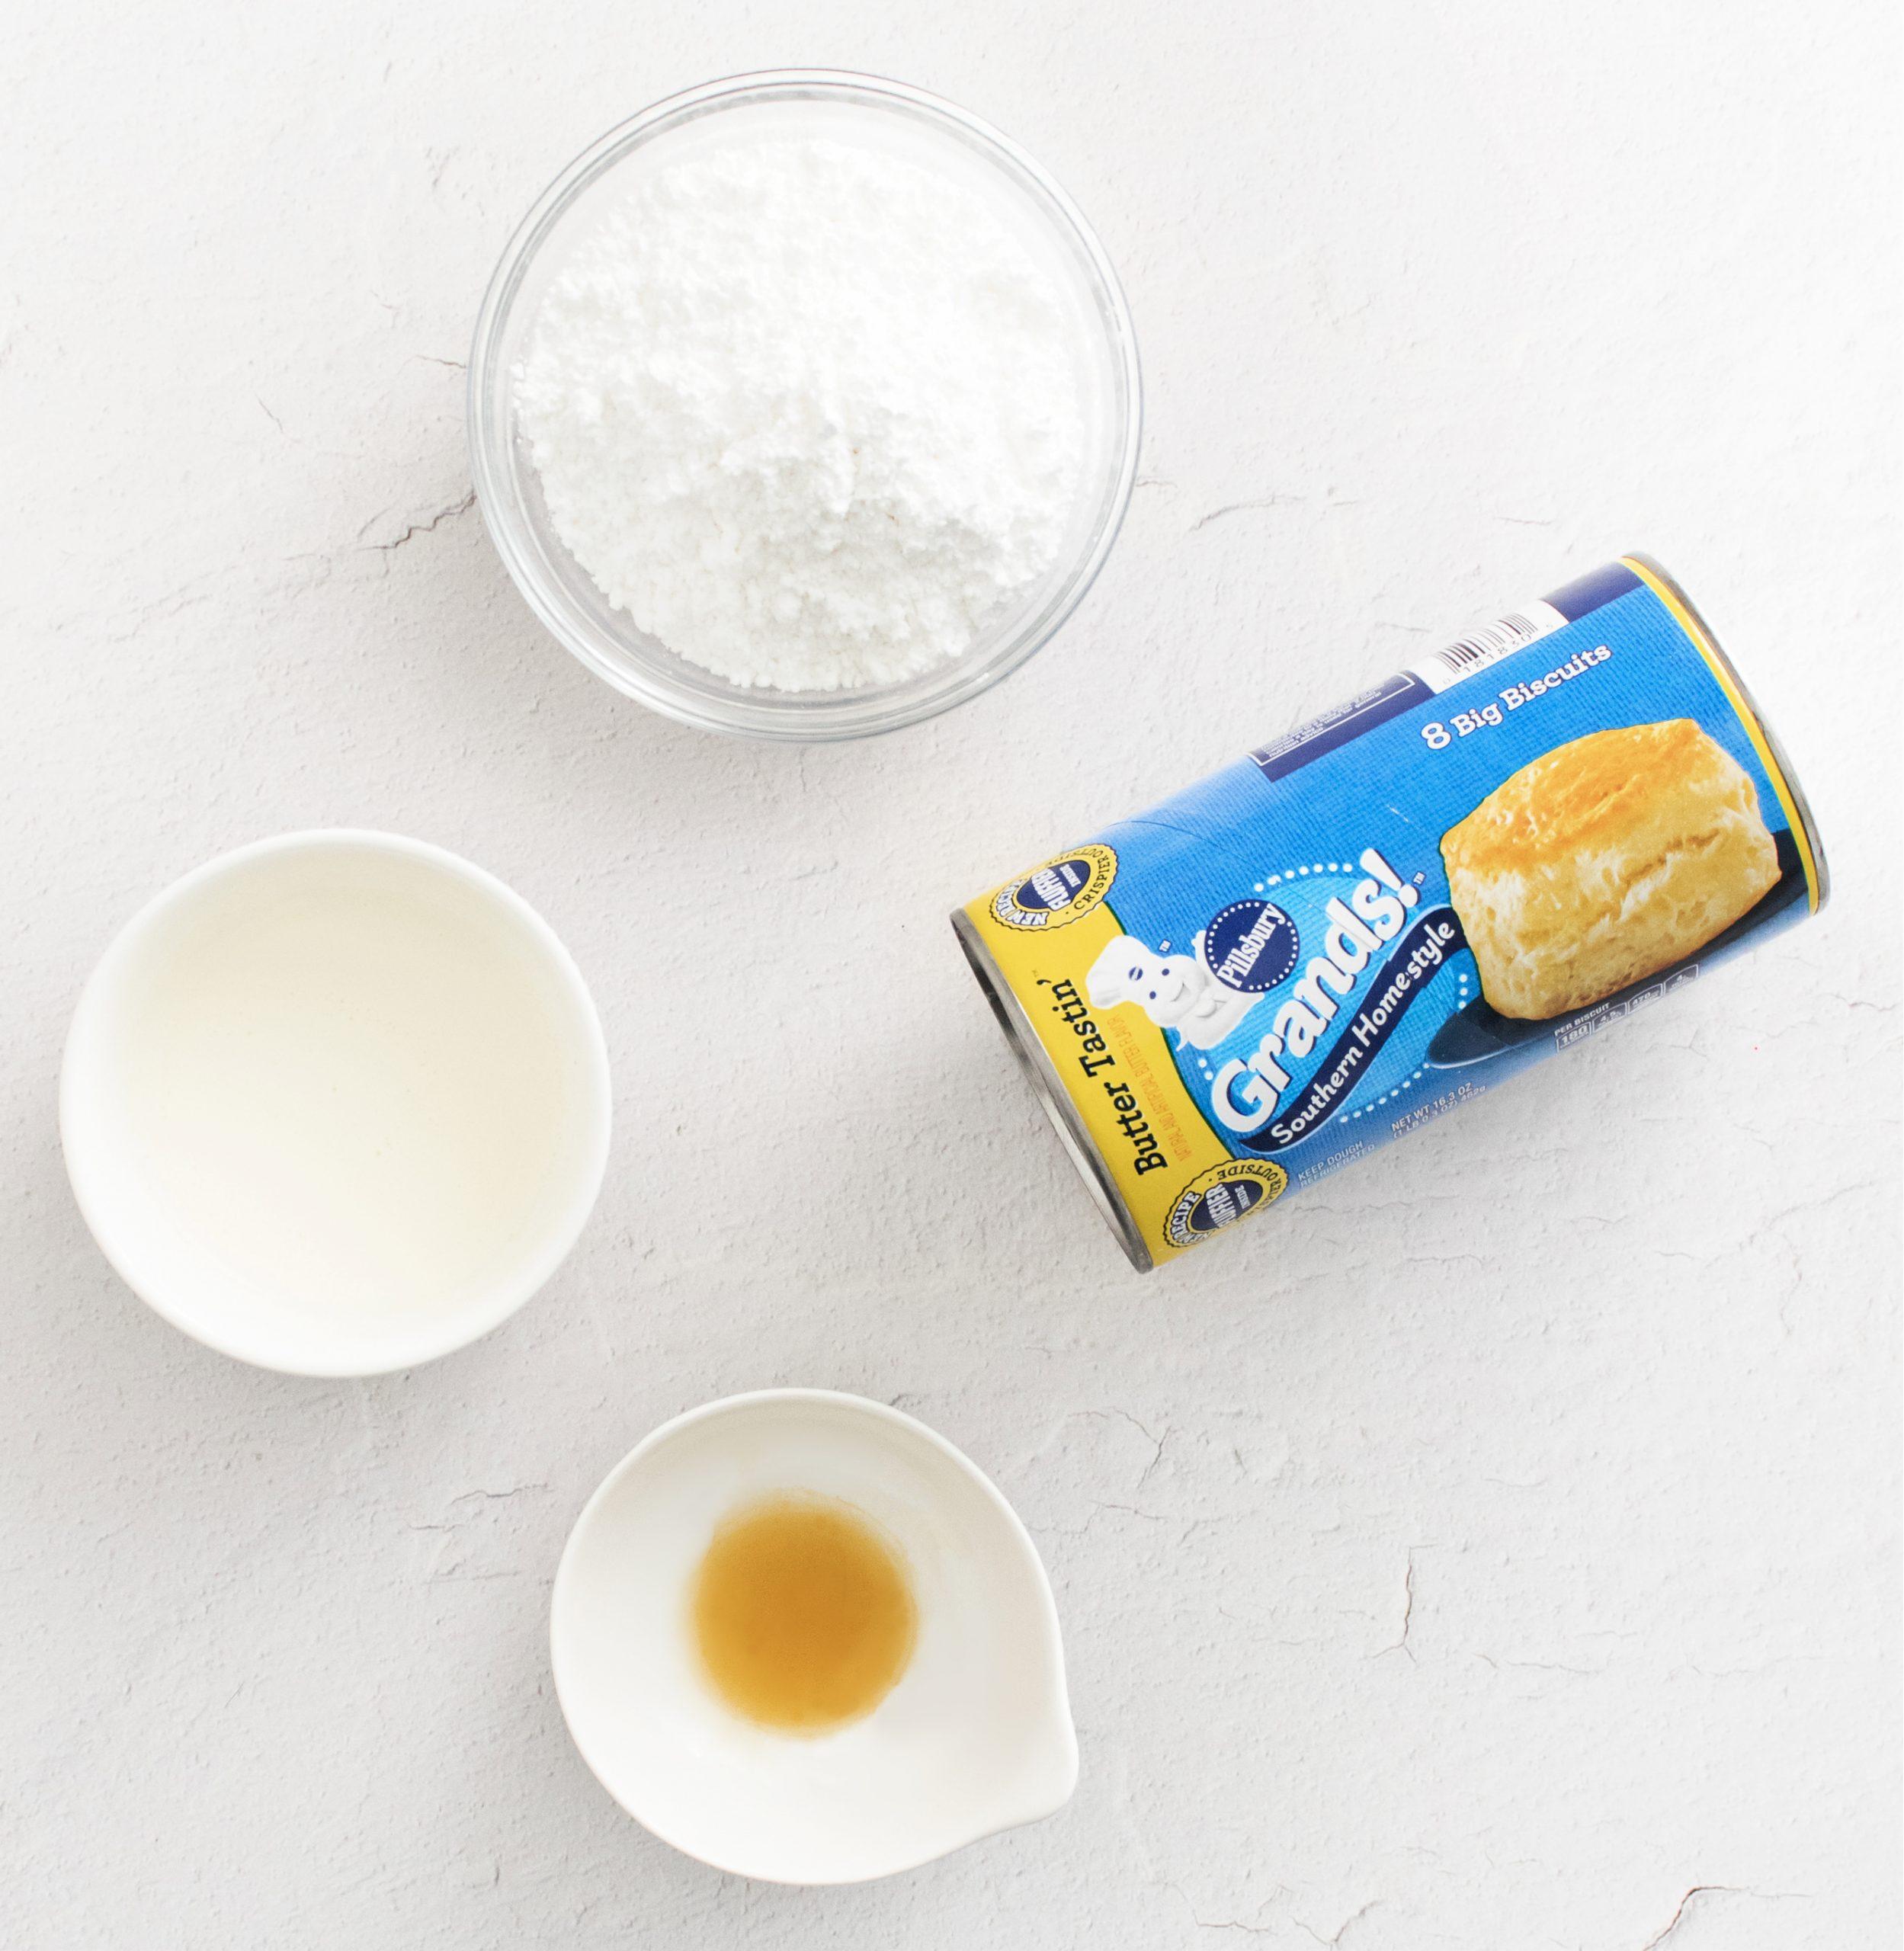 Ingredients to make air fryer donuts